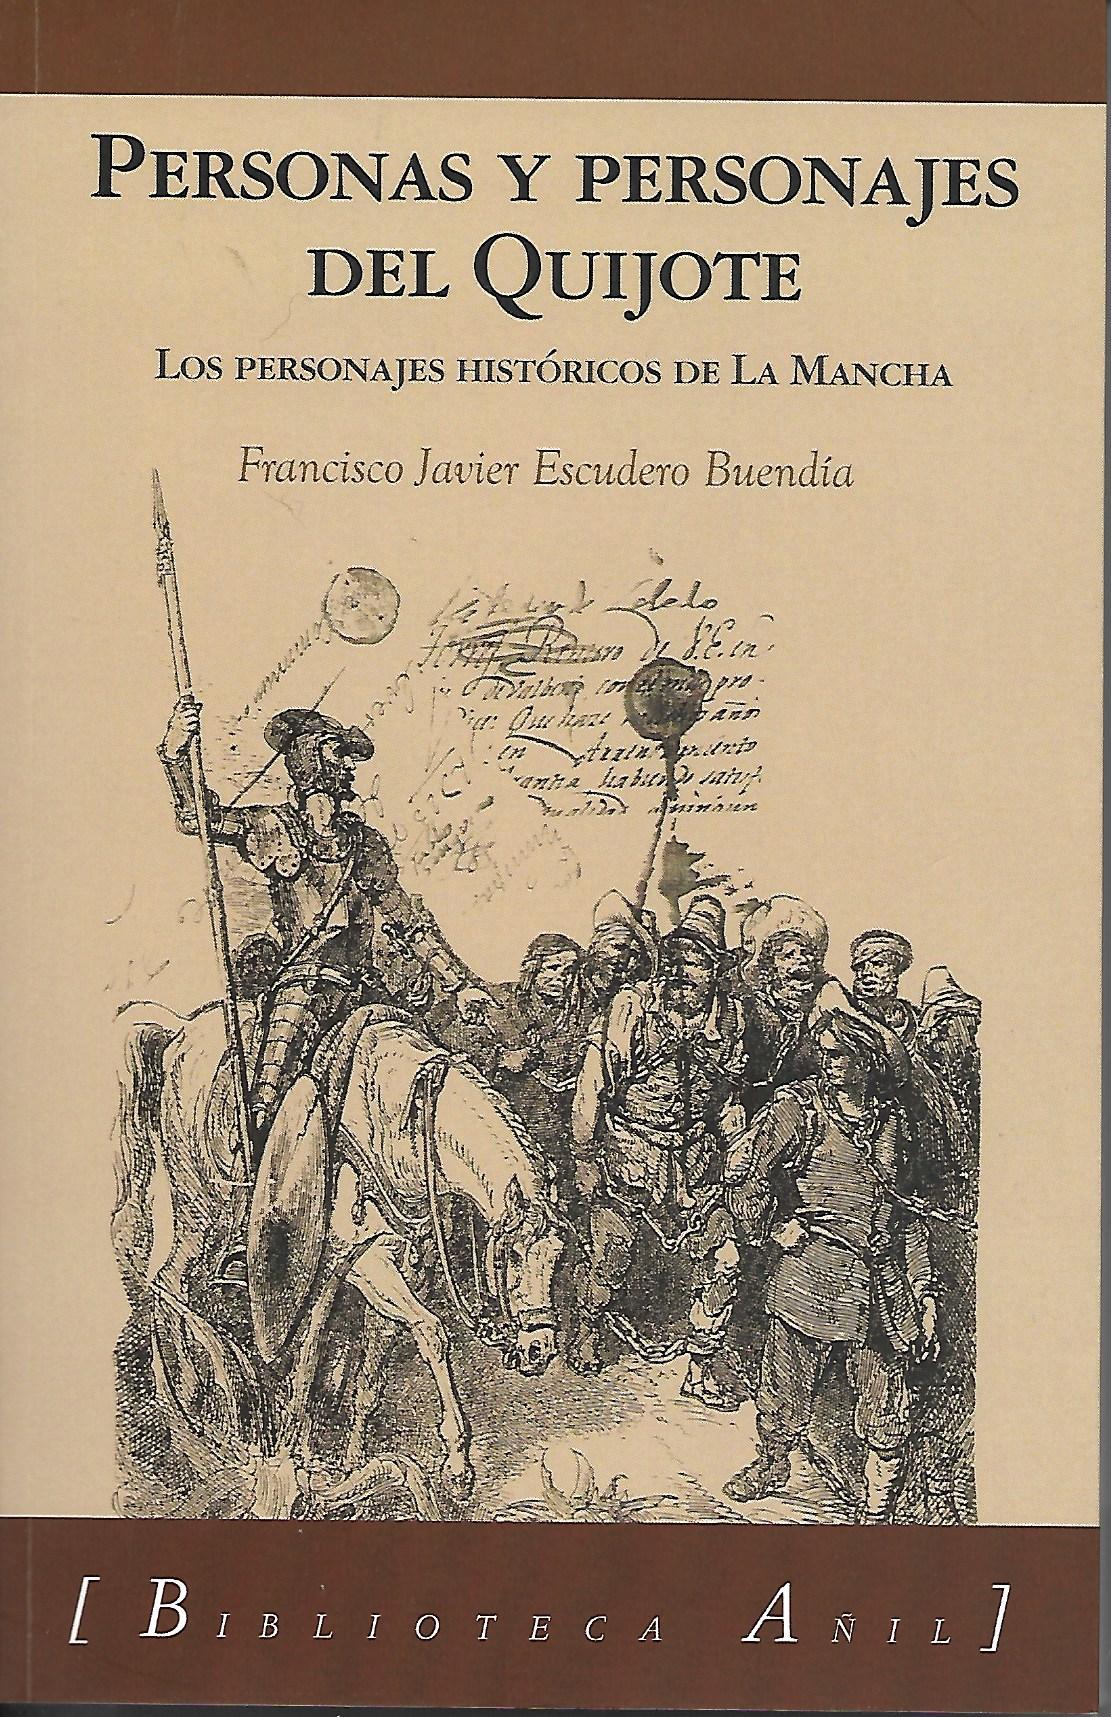 Los personajes históricos de La Mancha. Primer libro trilogía Personas y personajes del Quijote (Edicines Almund 2021)